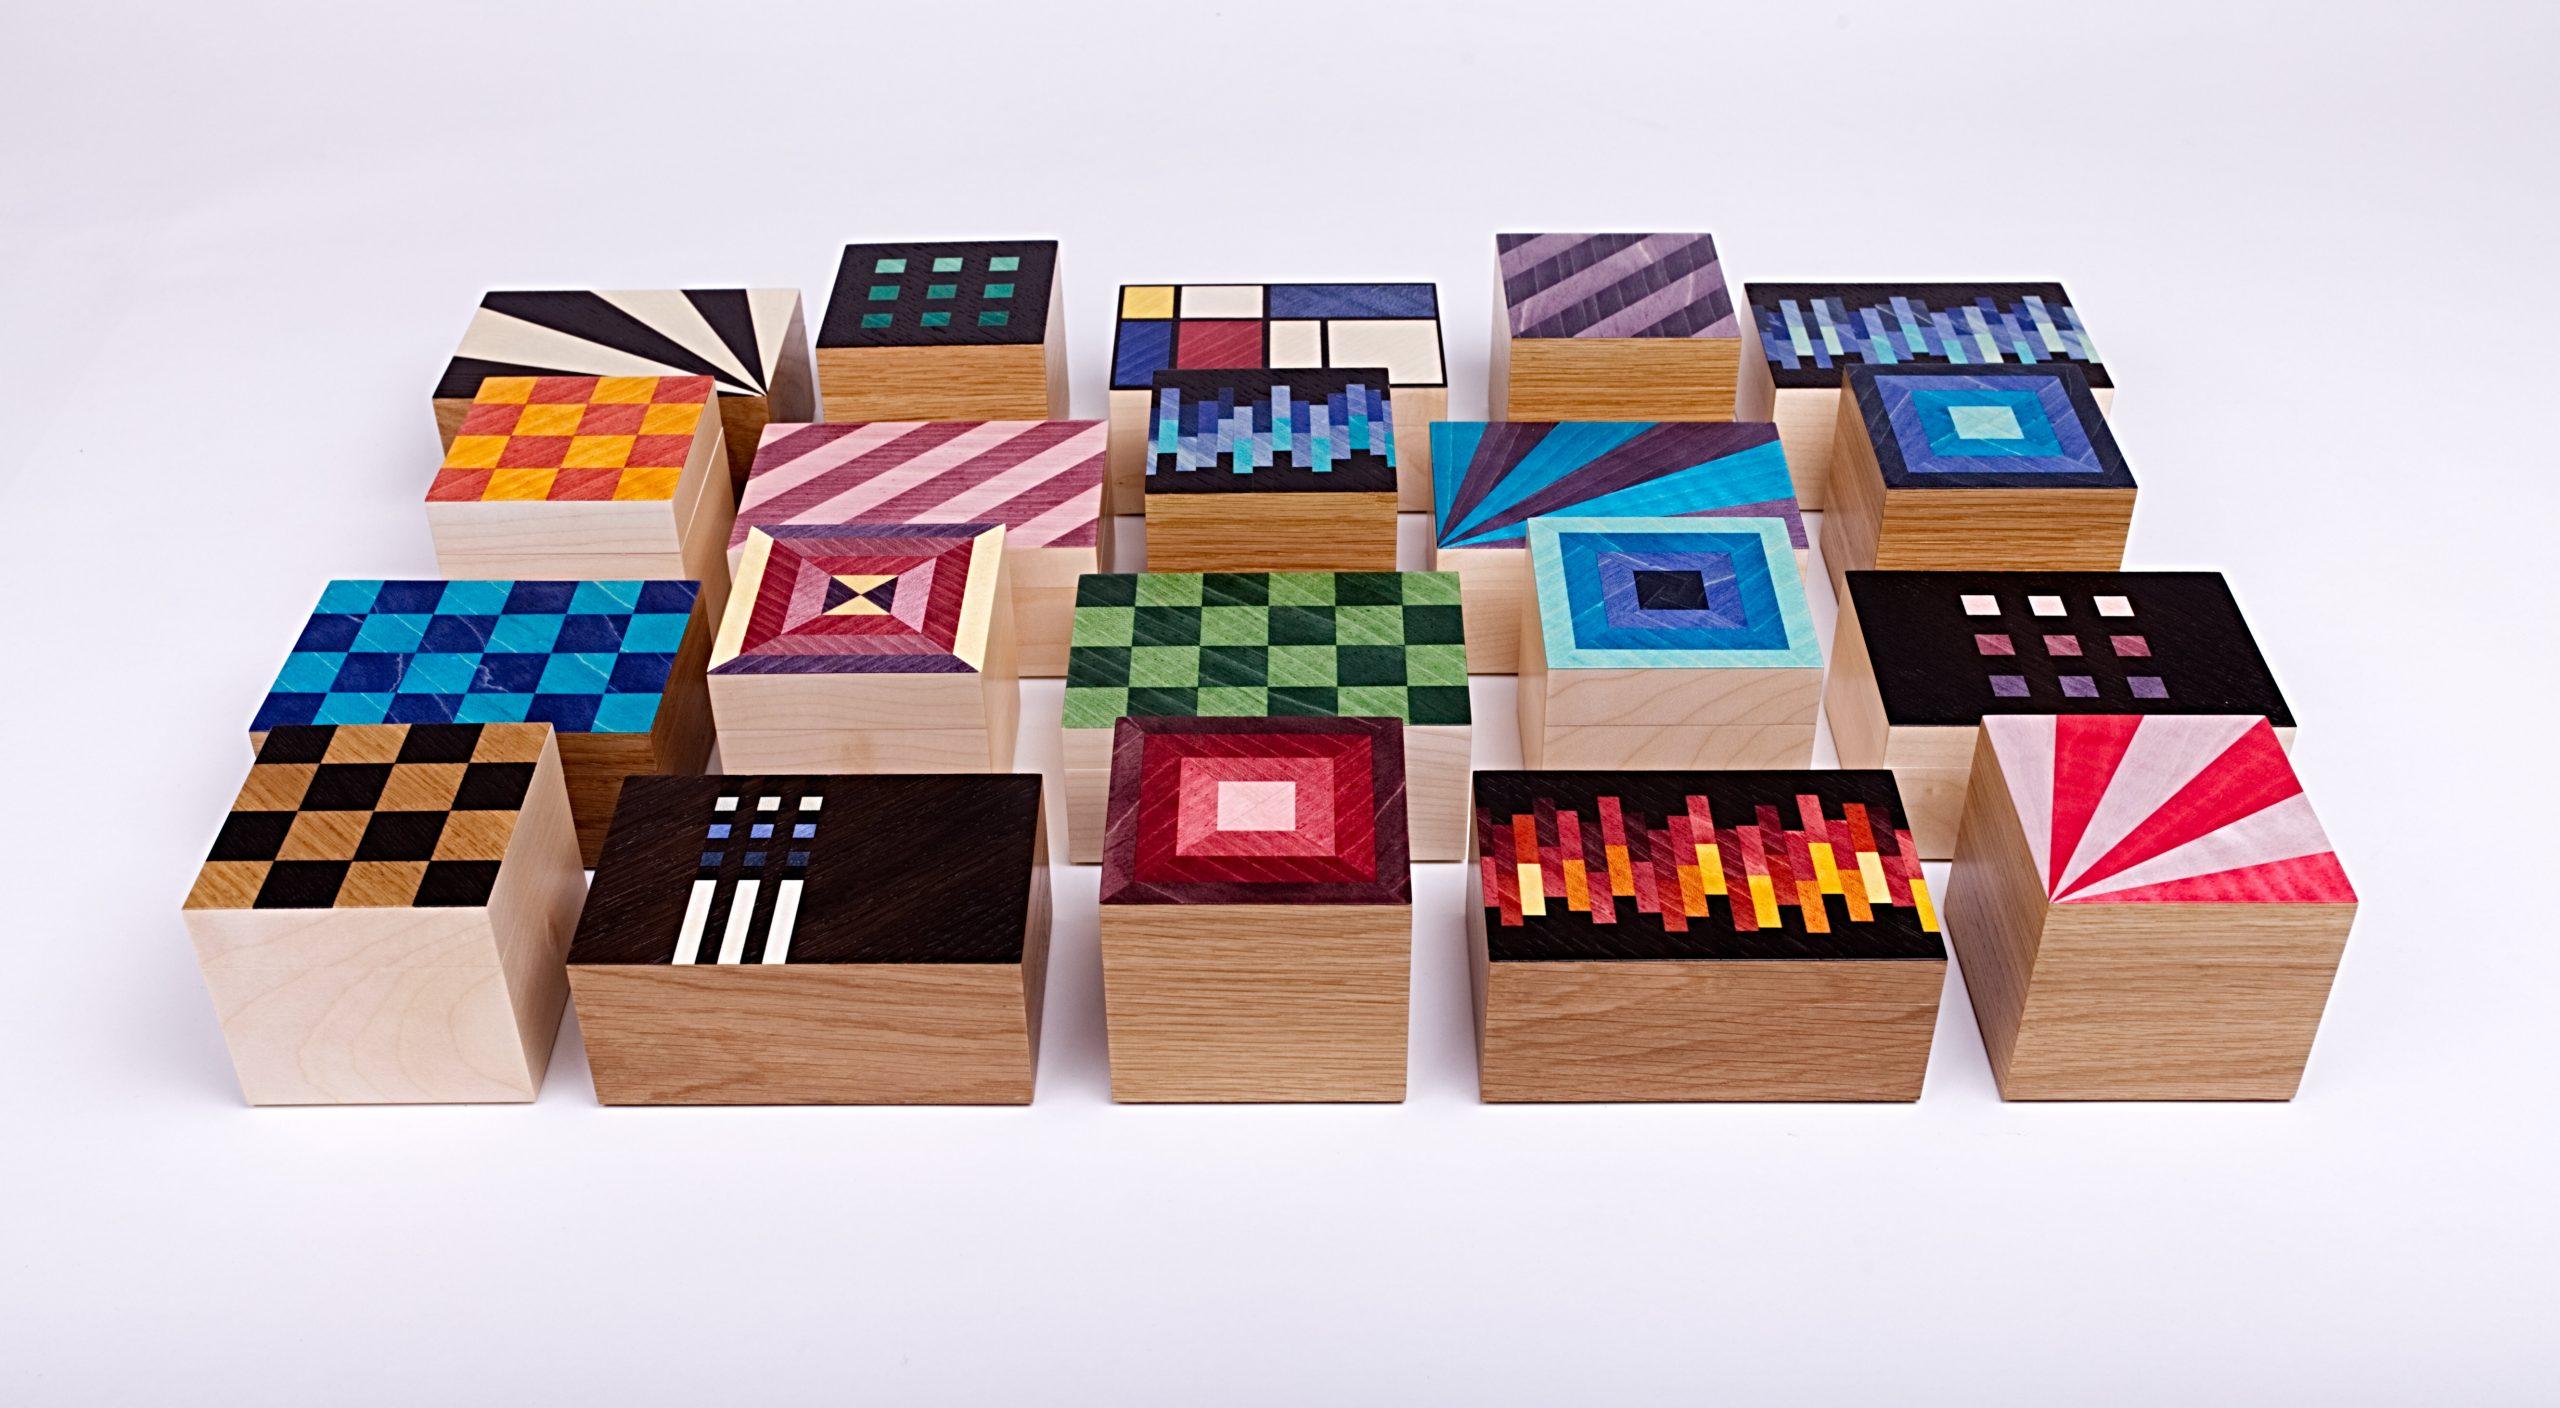 Kevin Stamper boxes